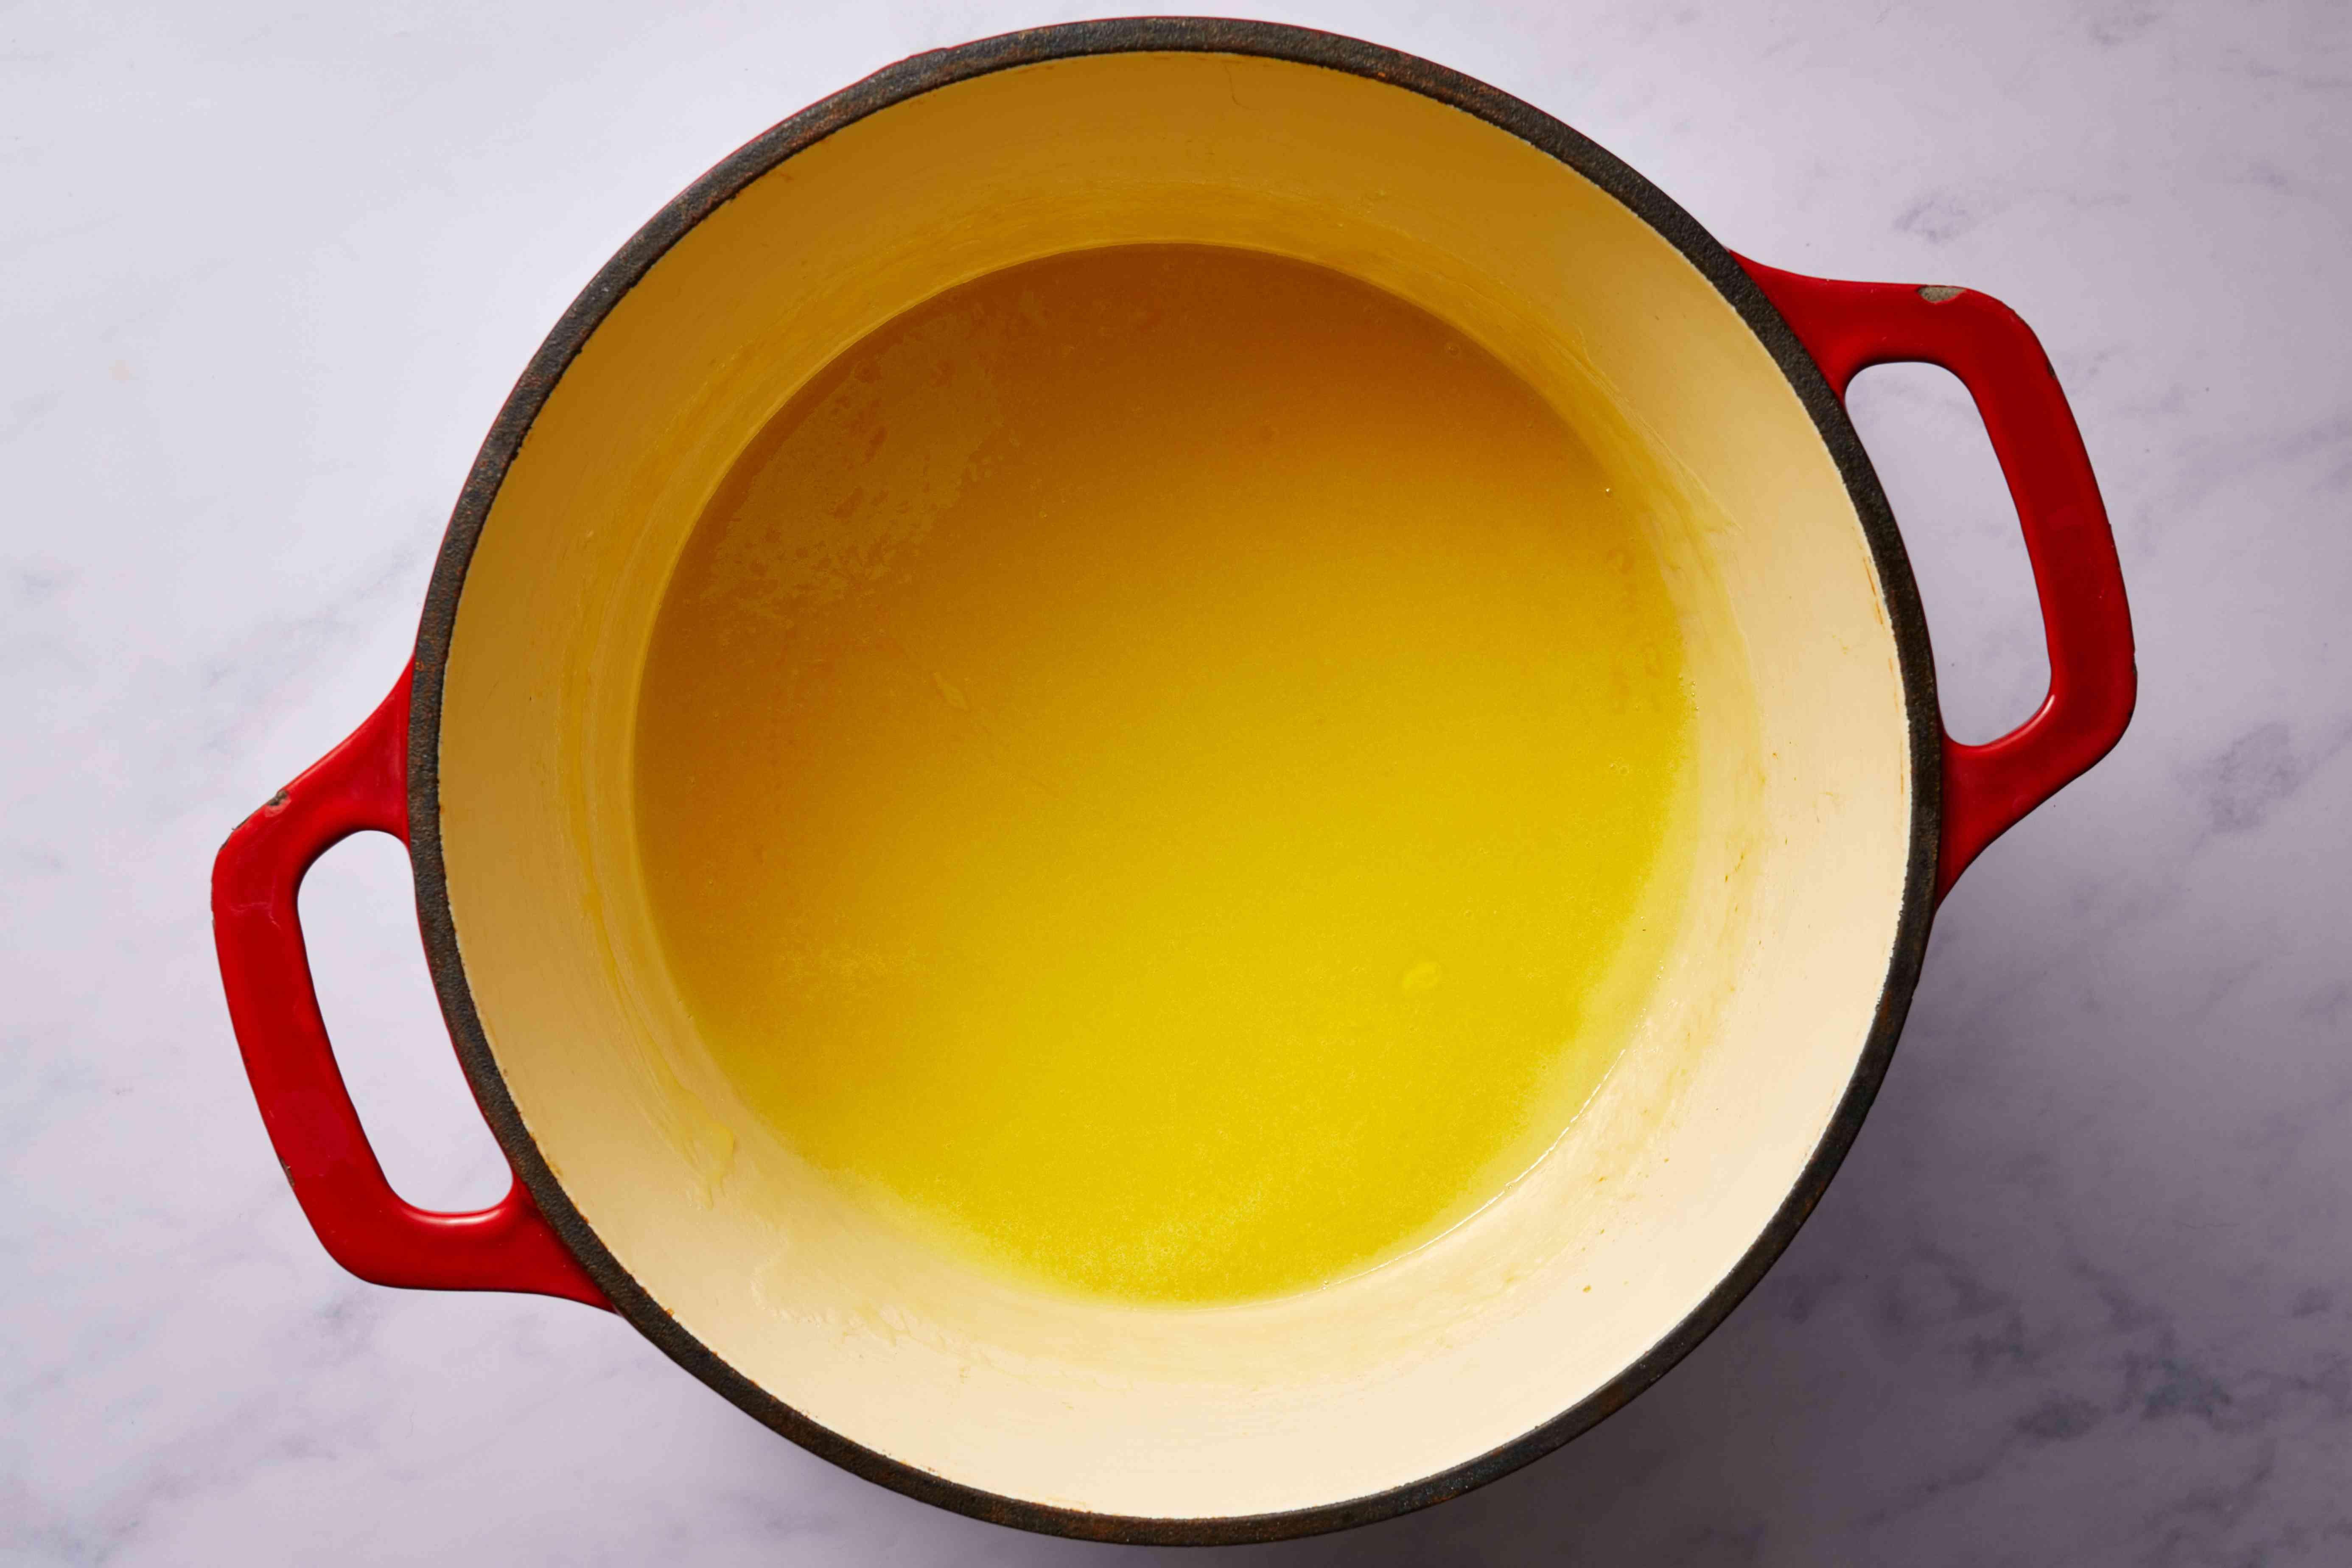 butter mixture in a saucepan